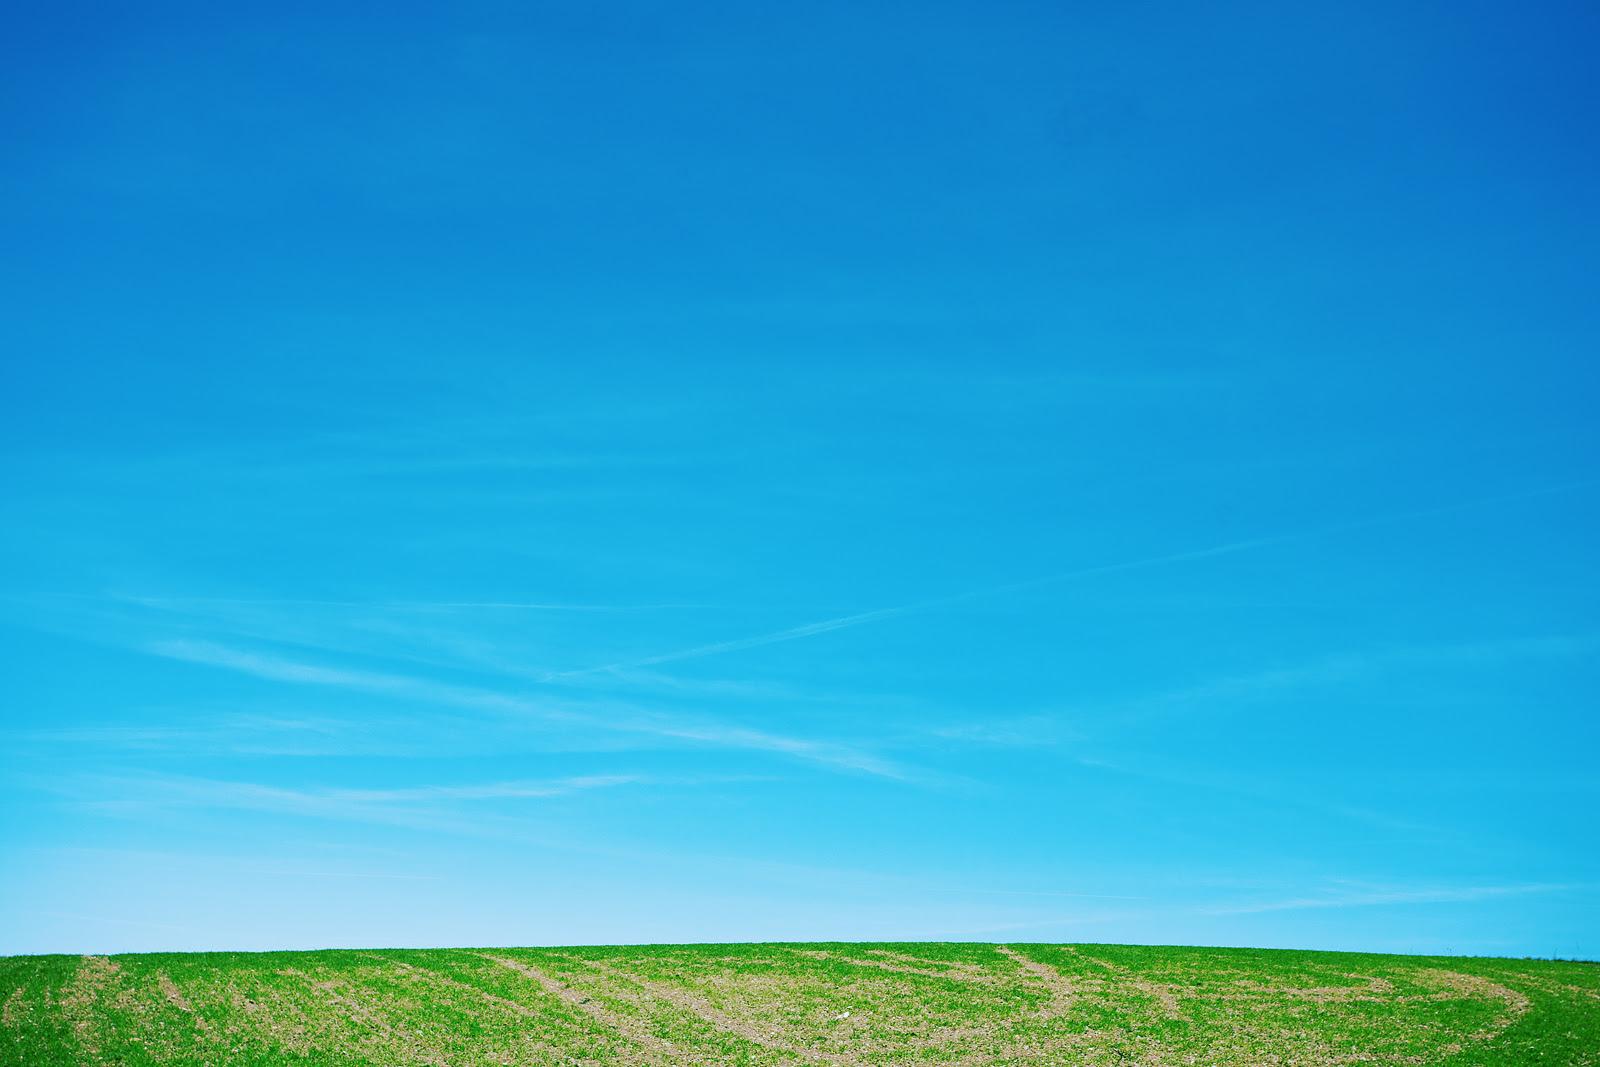 無料写真素材 自然風景 空 青空 風景日本画像素材なら 無料 フリー